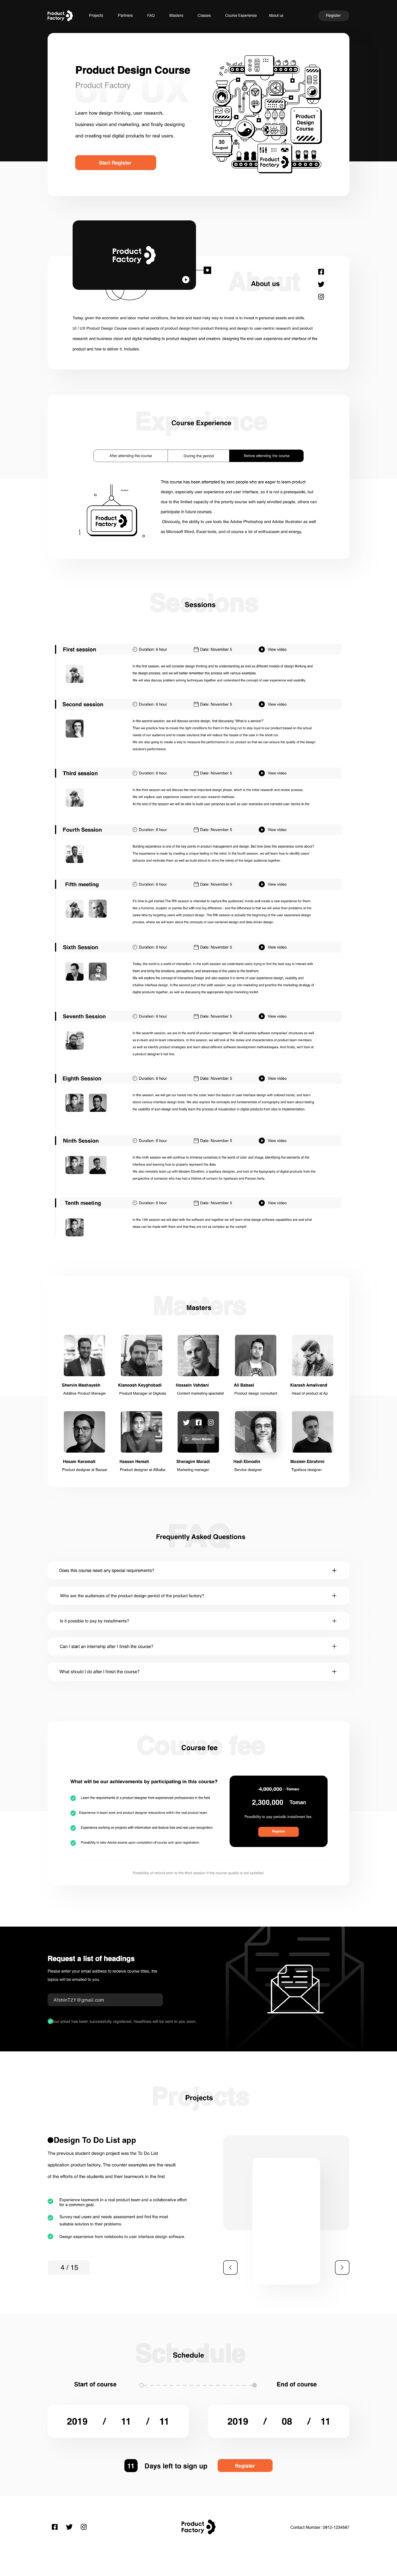 产品工厂网站着陆页UI设计模板插图